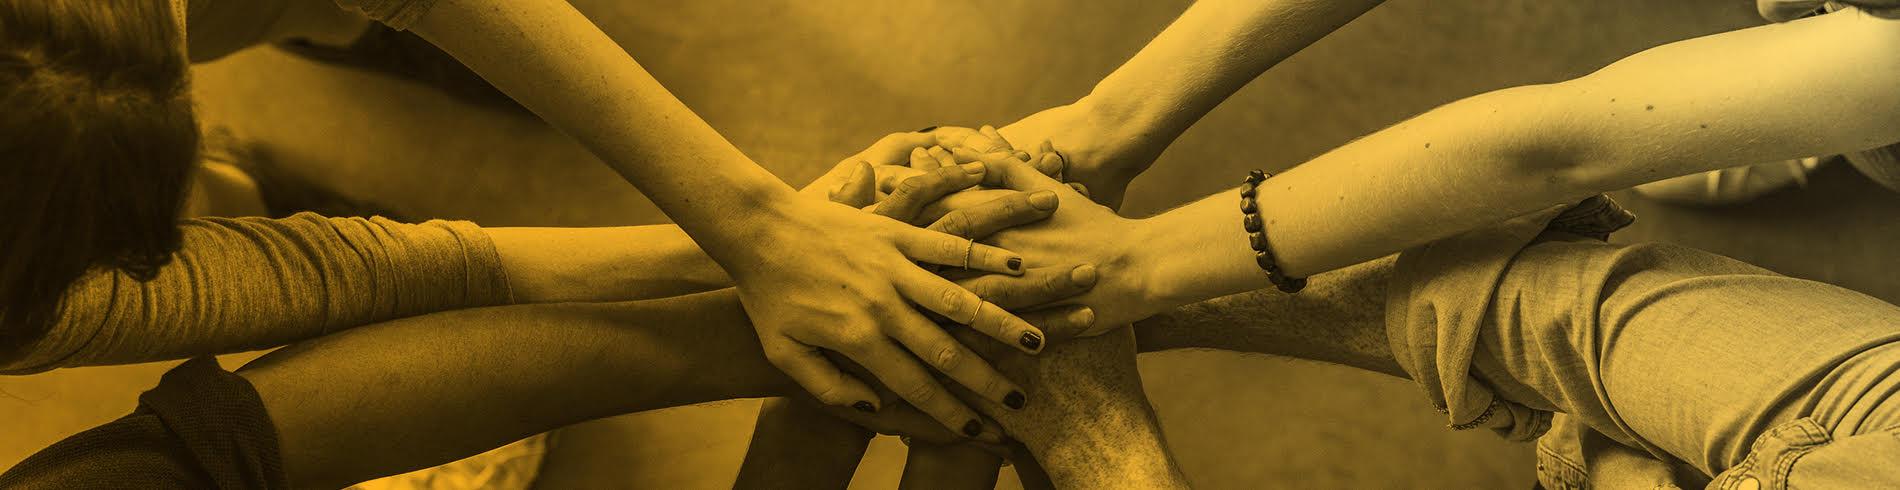 manos haciendo equipo